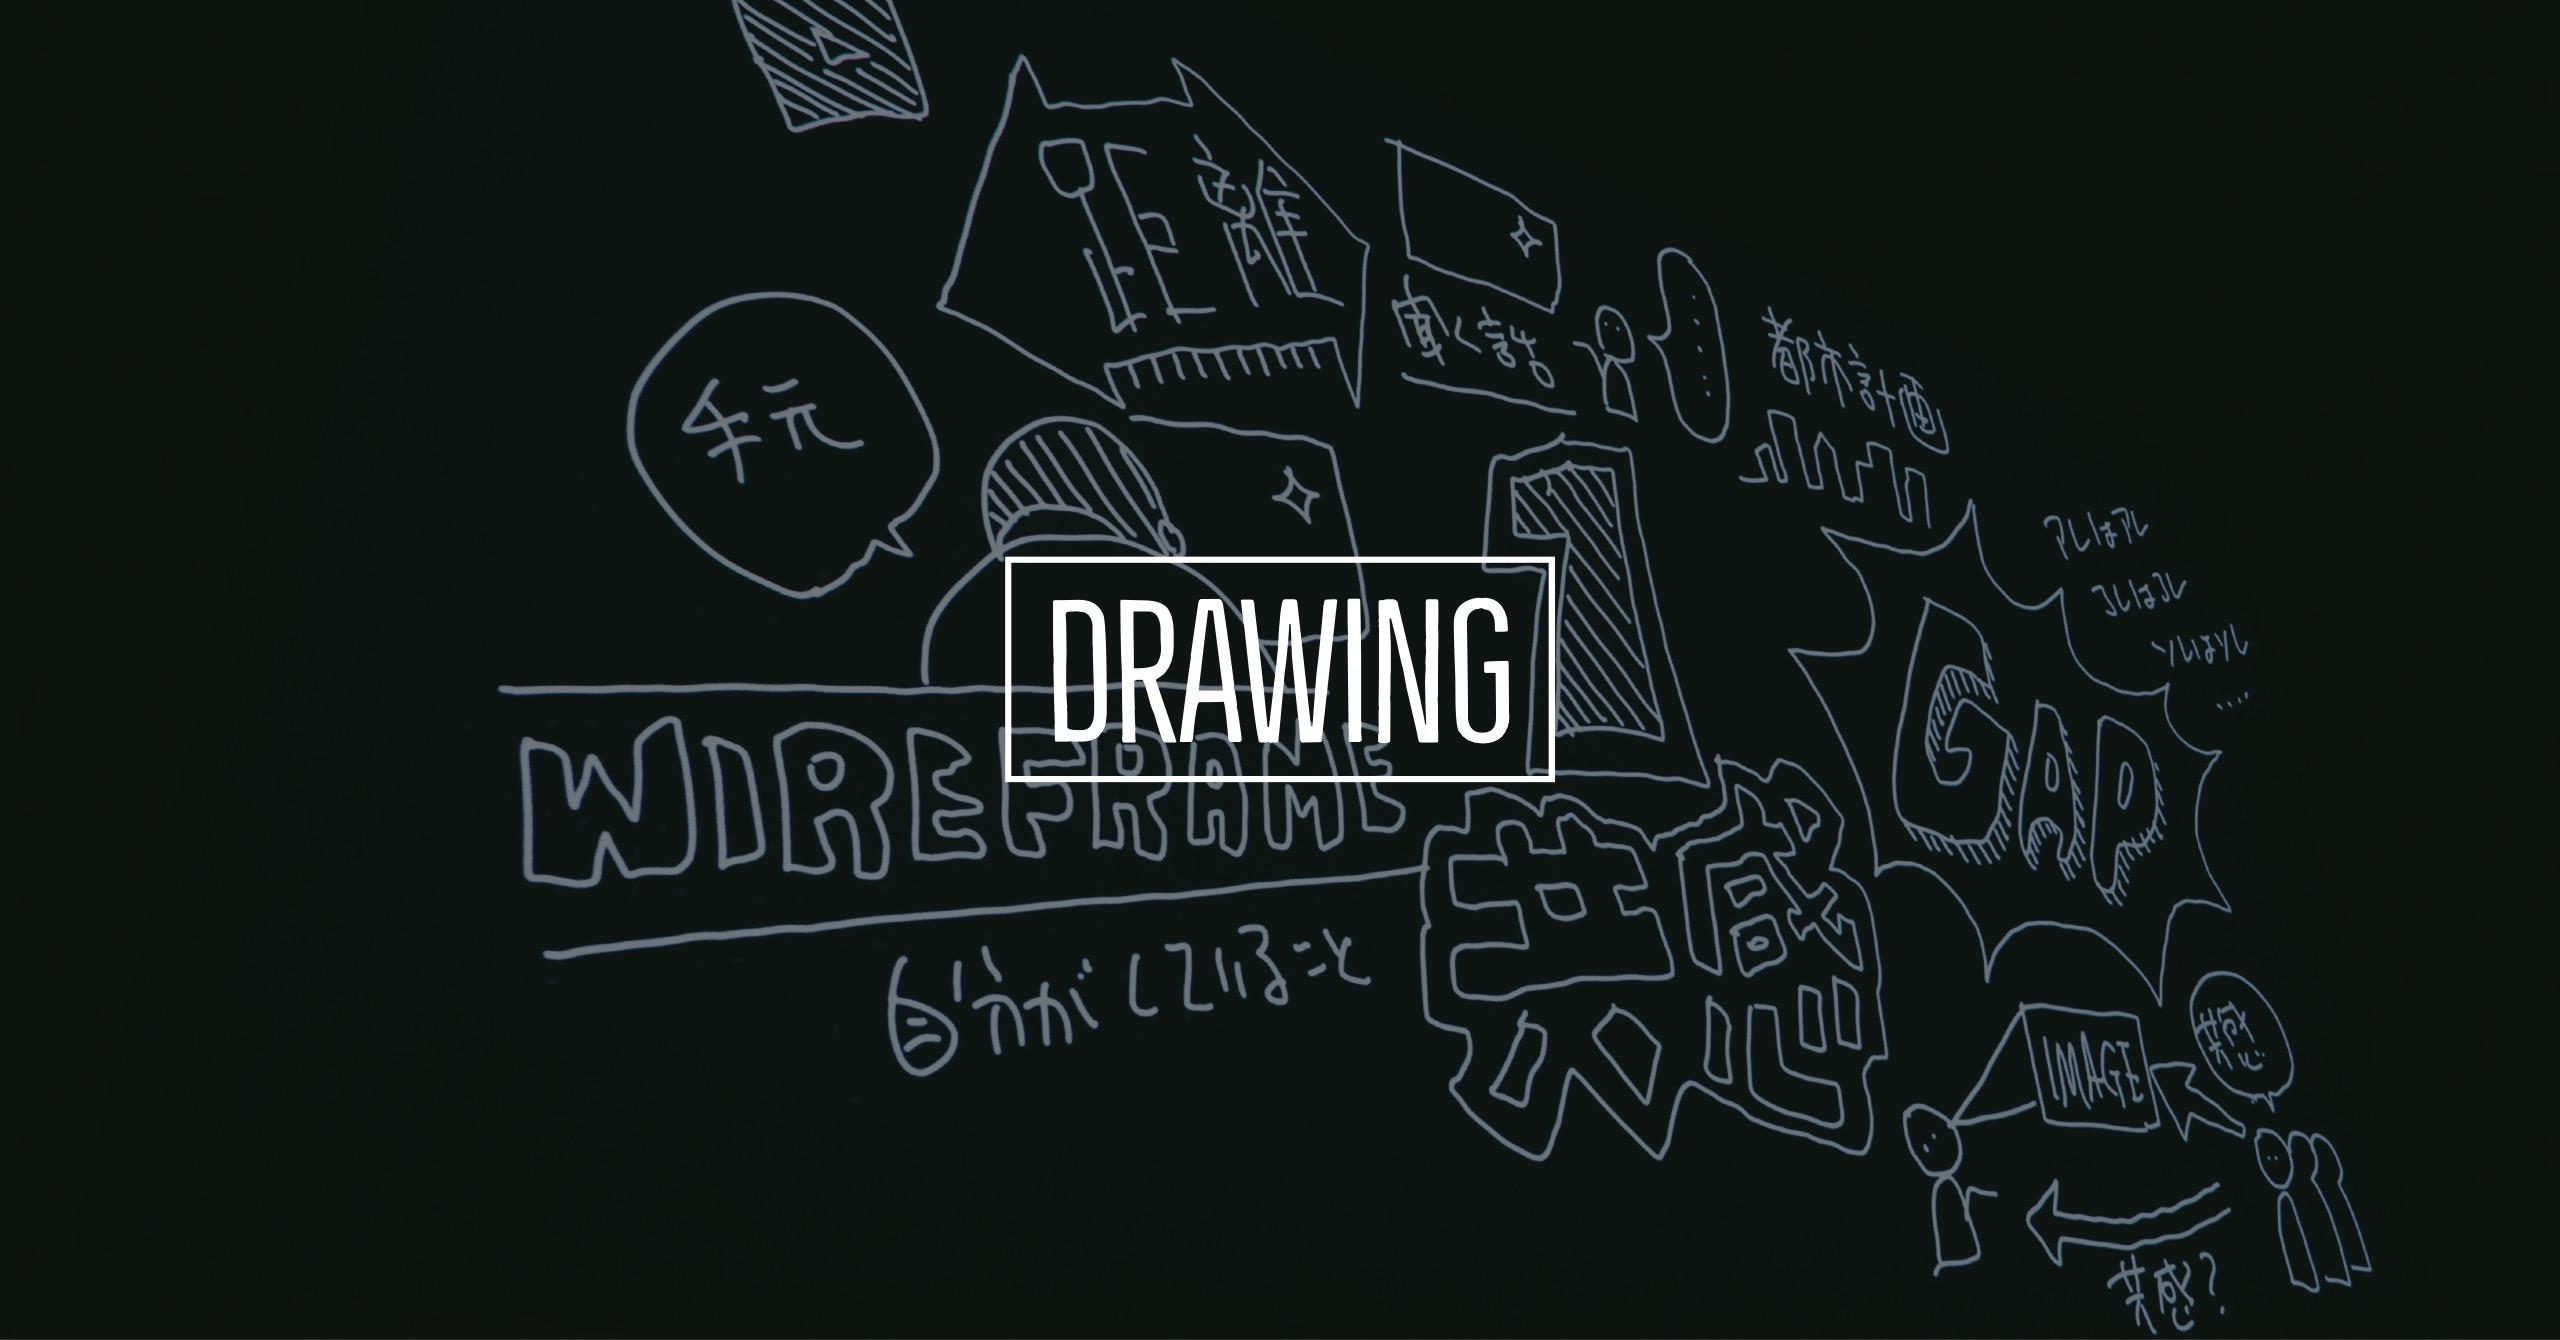 スクリーン「Drawing」